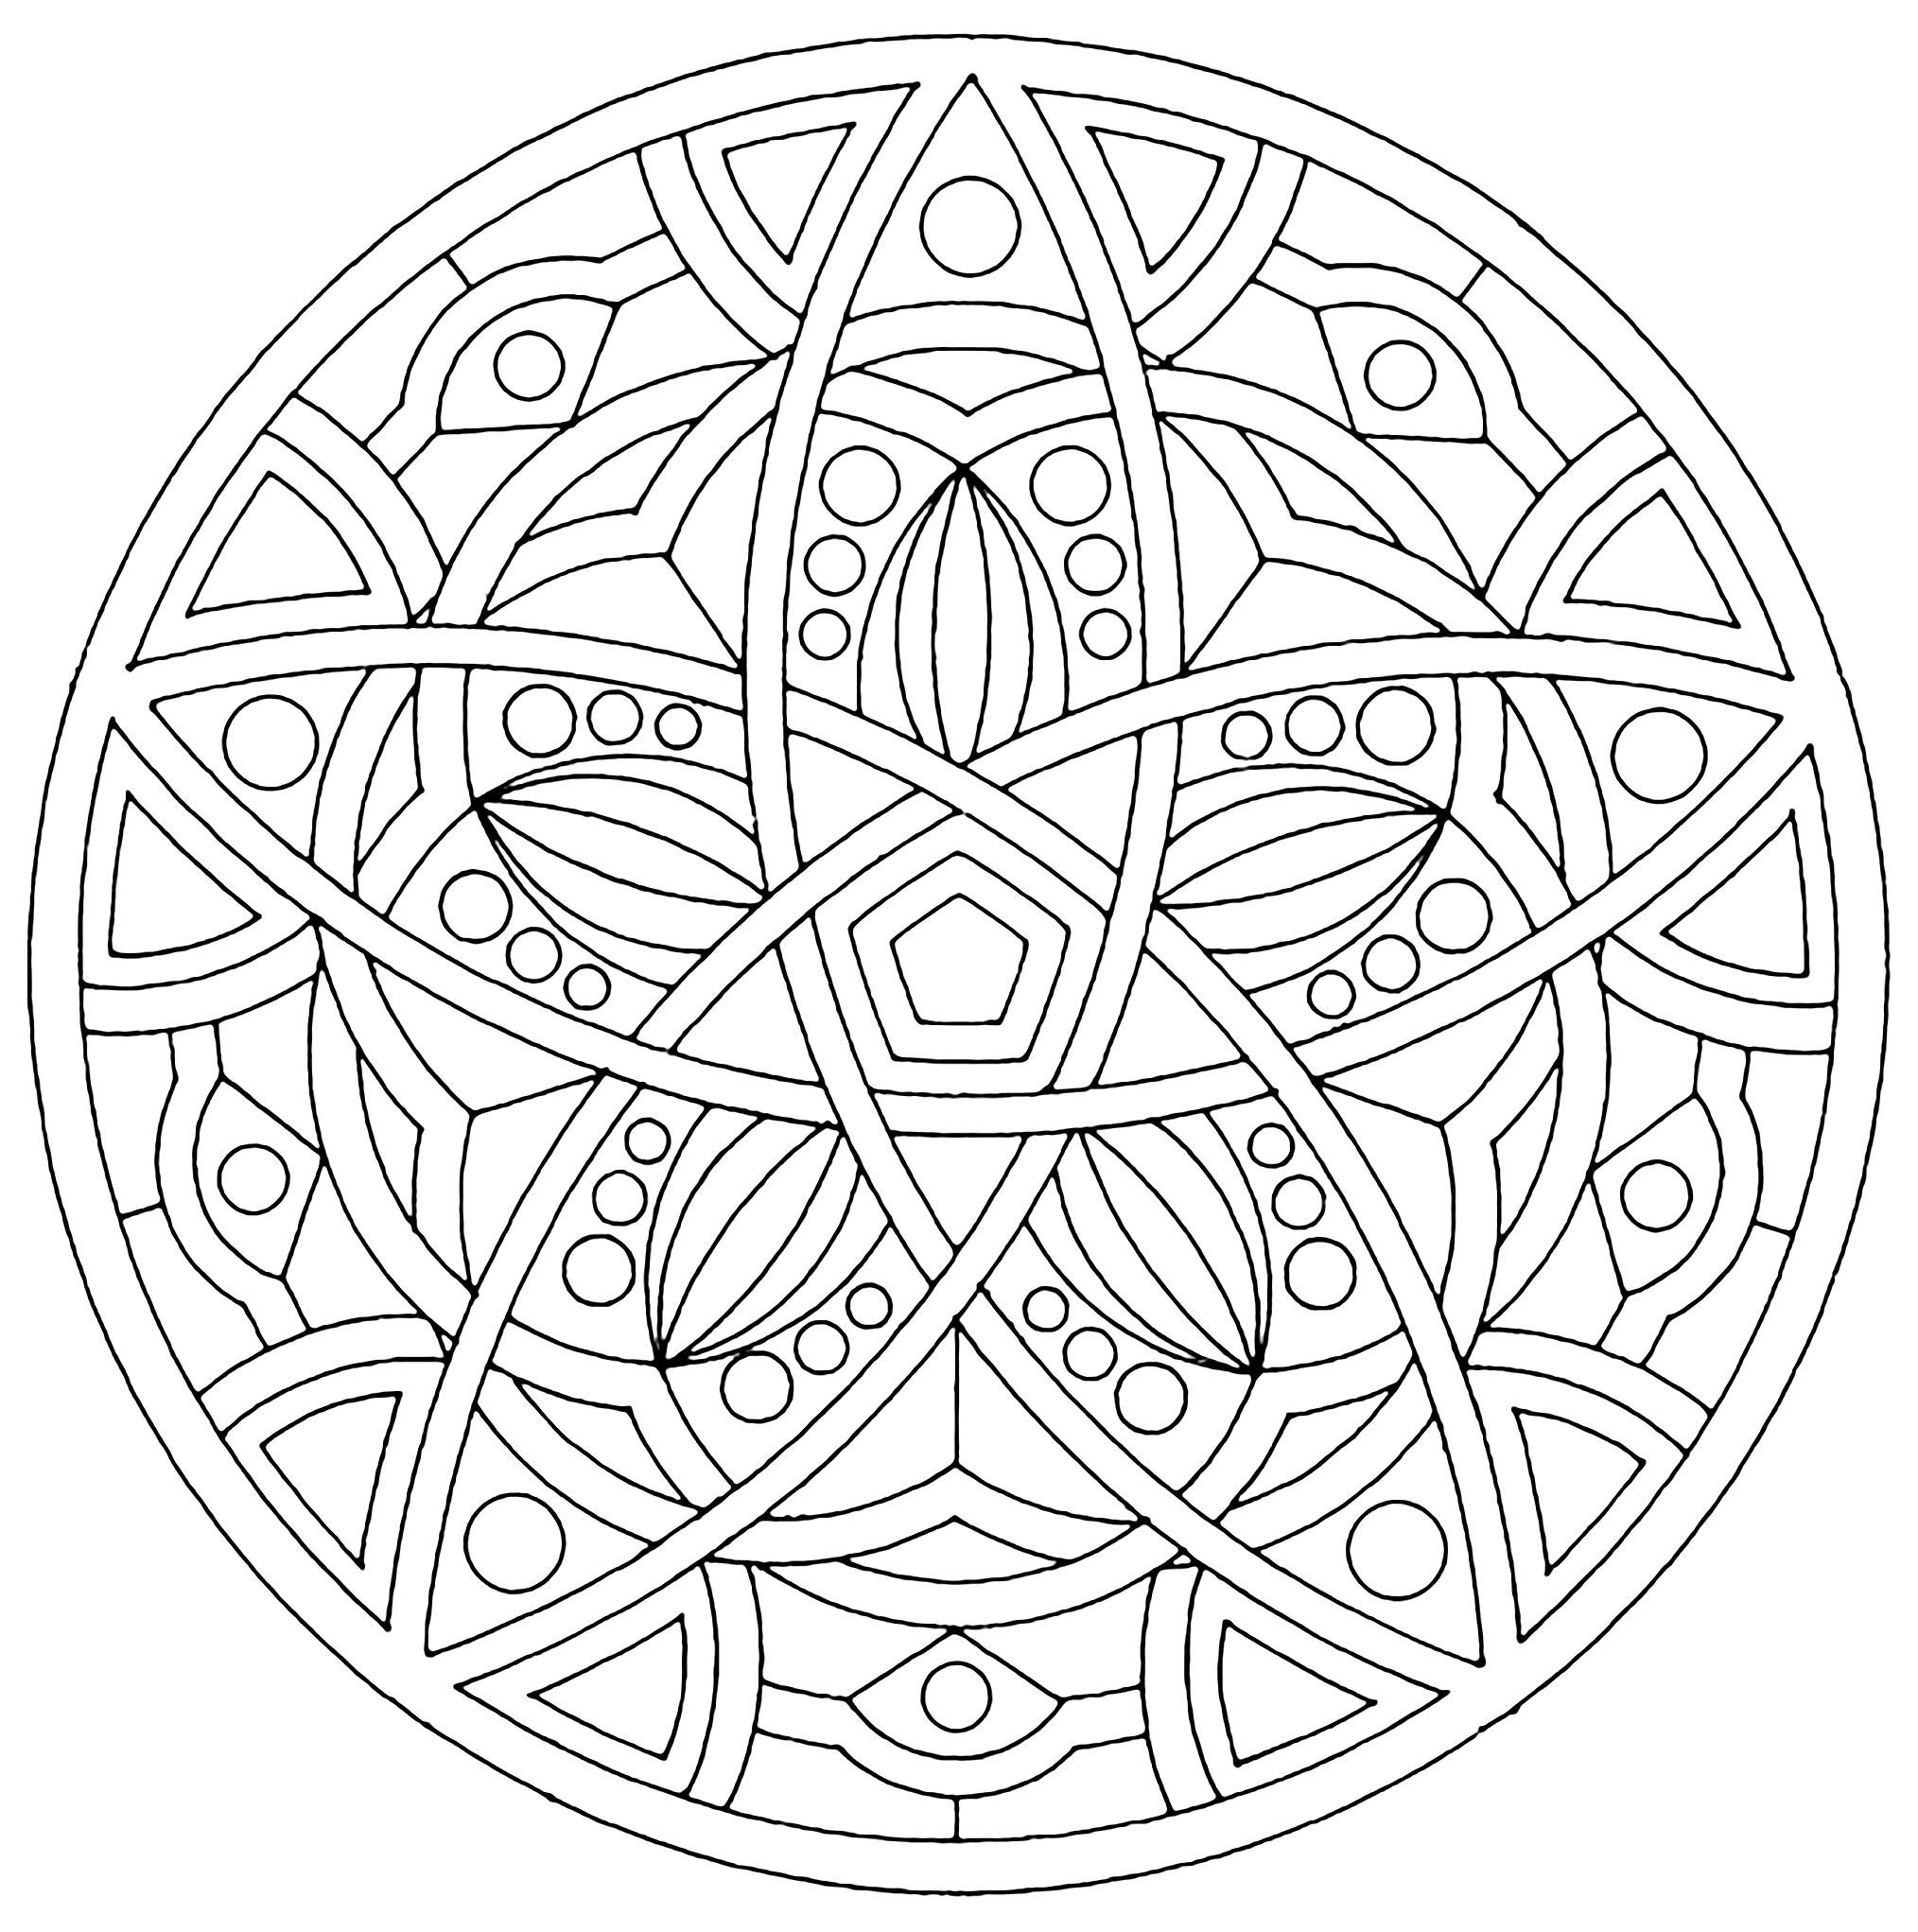 Jolie harmonie, pour un coloriage de Mandala assez simple